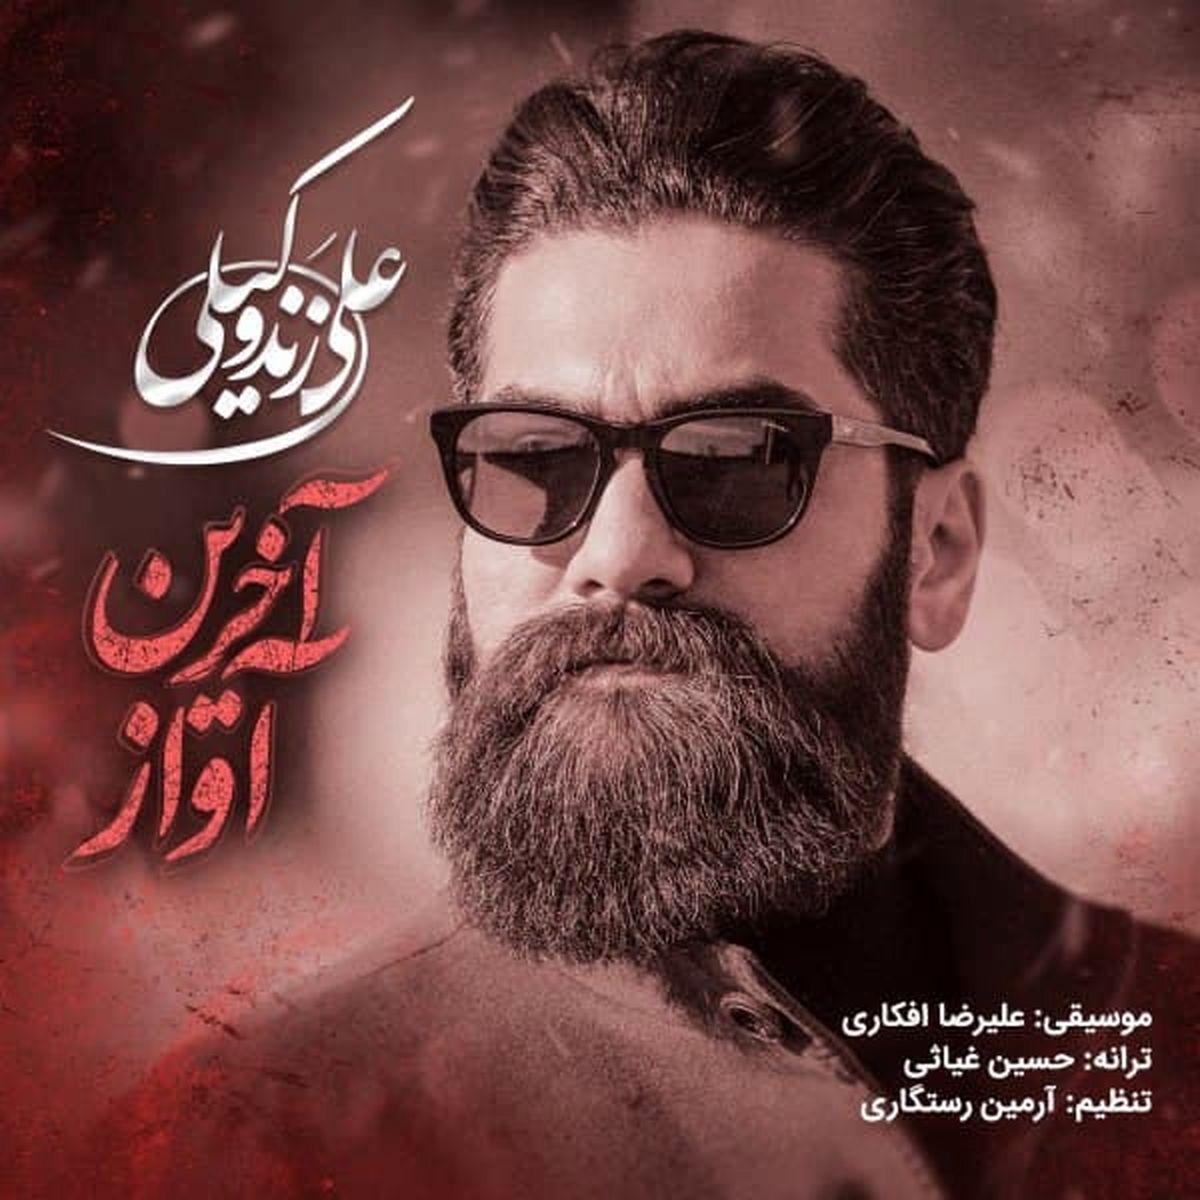 آهنگ علی زند وکیلی به نام آخرین آواز+موزیک ناب